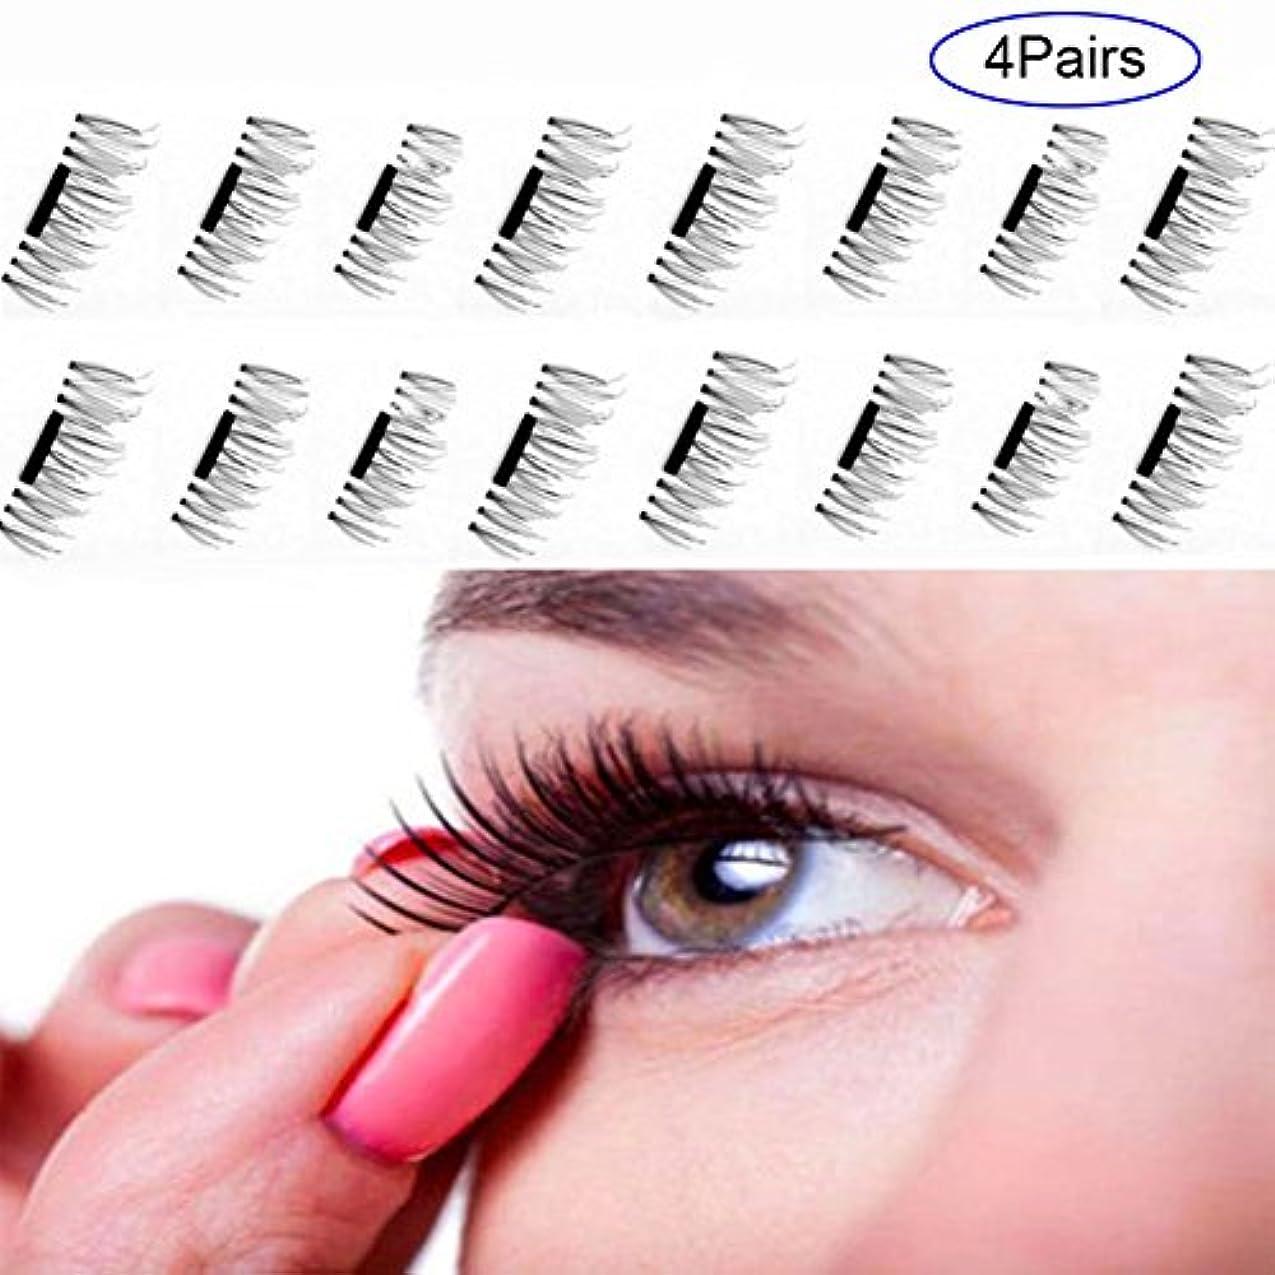 メアリアンジョーンズピストル電信xlp つけまつげ つけまつ毛 磁気フェイク睫毛 繊維 自然 ナチュラル 3D磁気 柔らかい 3D Magnetic False Eyelashes